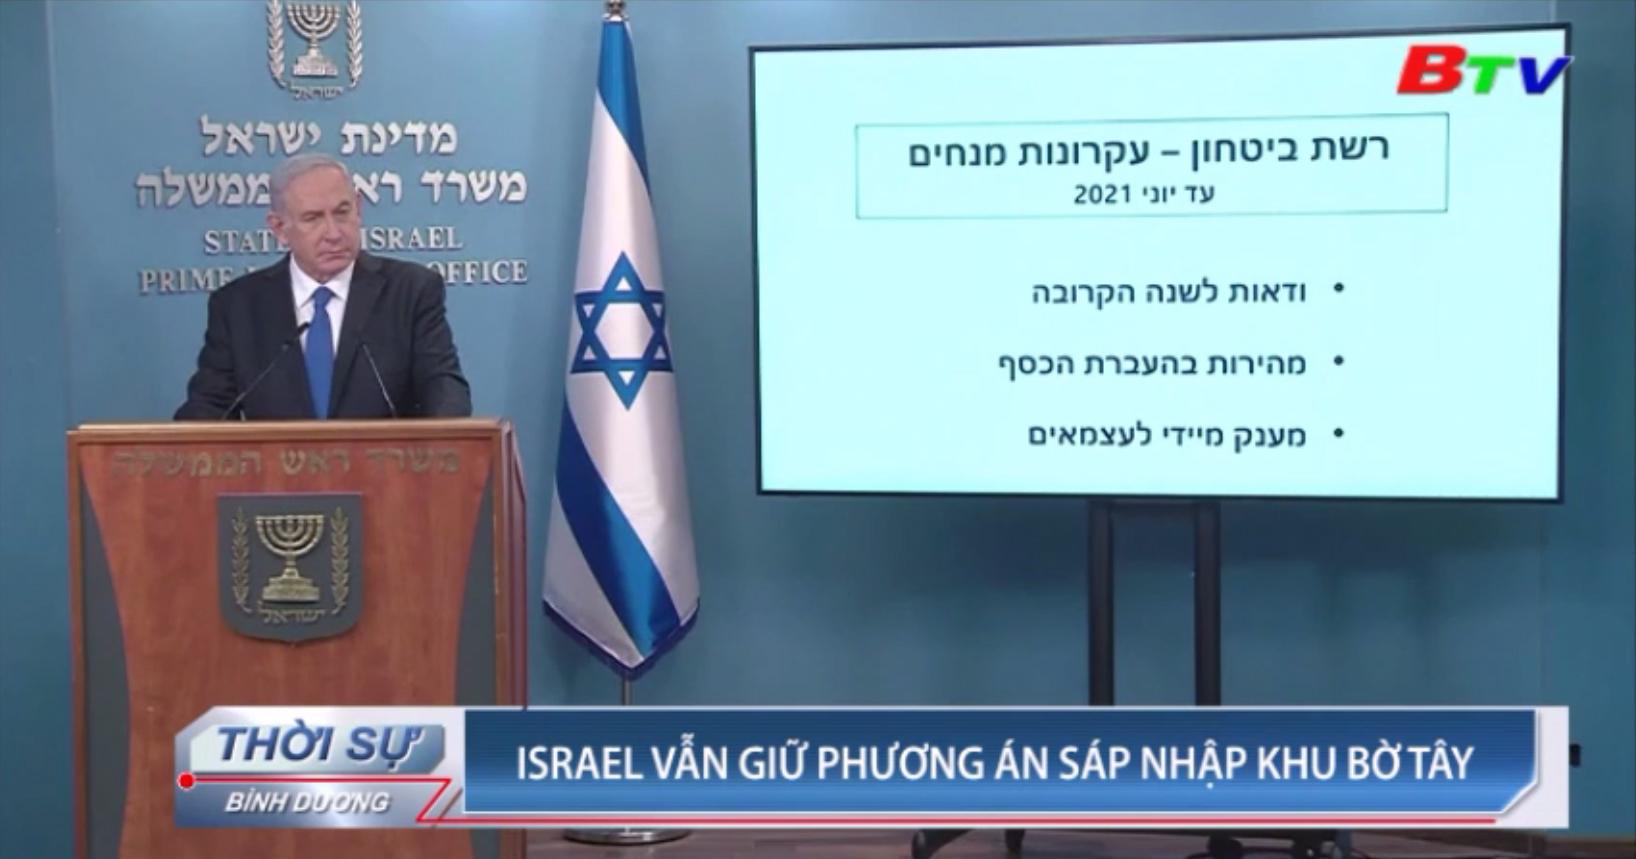 Israel vẫn giữ phương án sáp nhập khu Bờ Tây